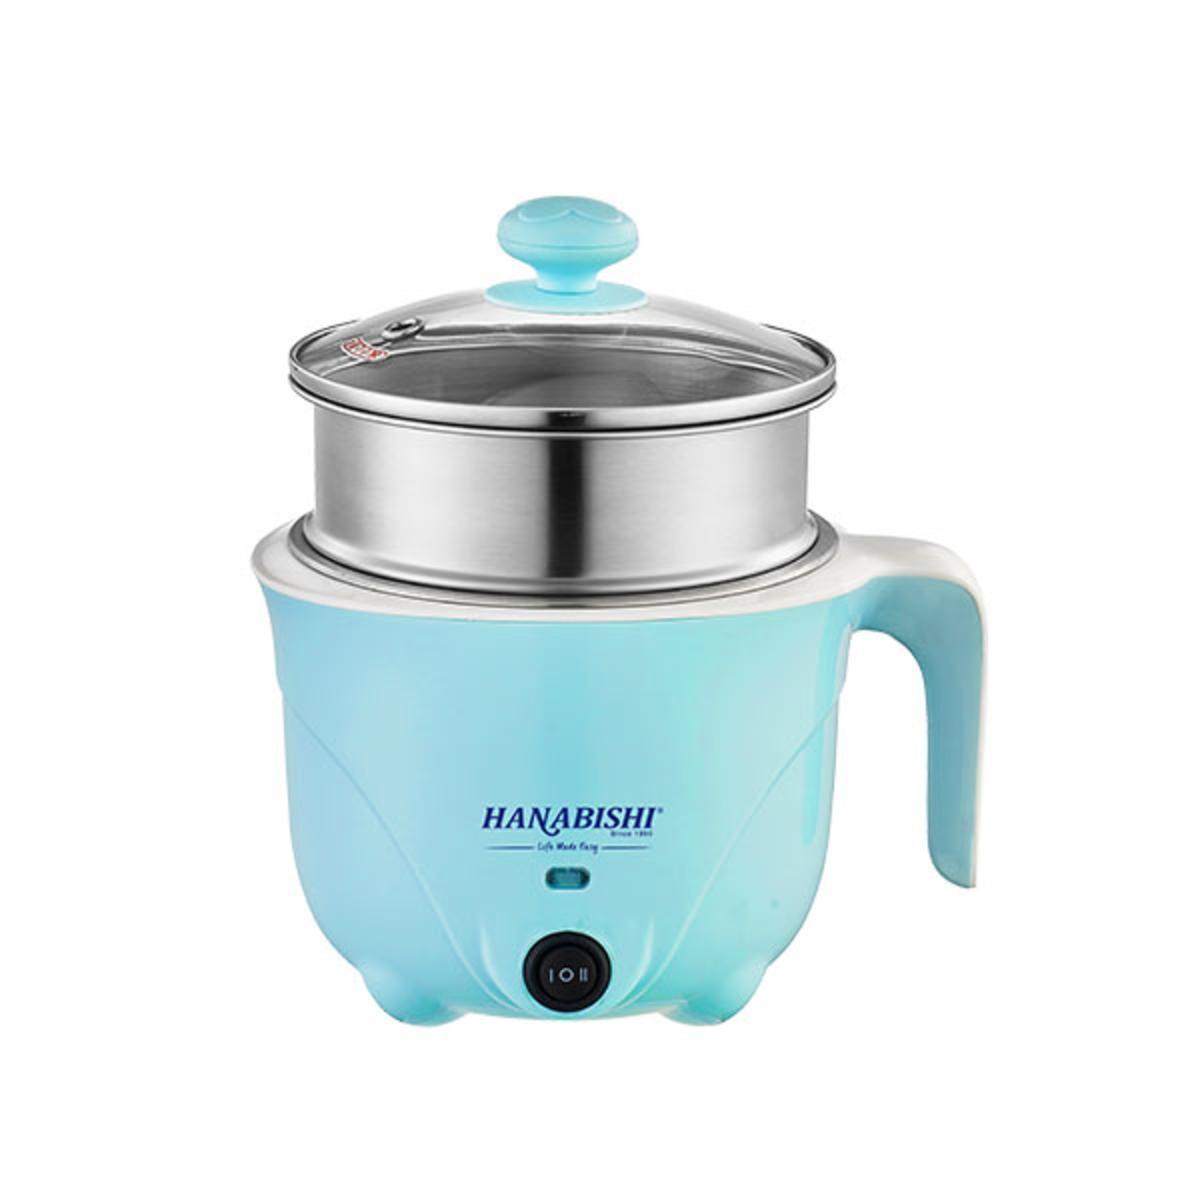 Hanabishi Multi Cooker with Steamer - 1L HA1330 | Go Shop